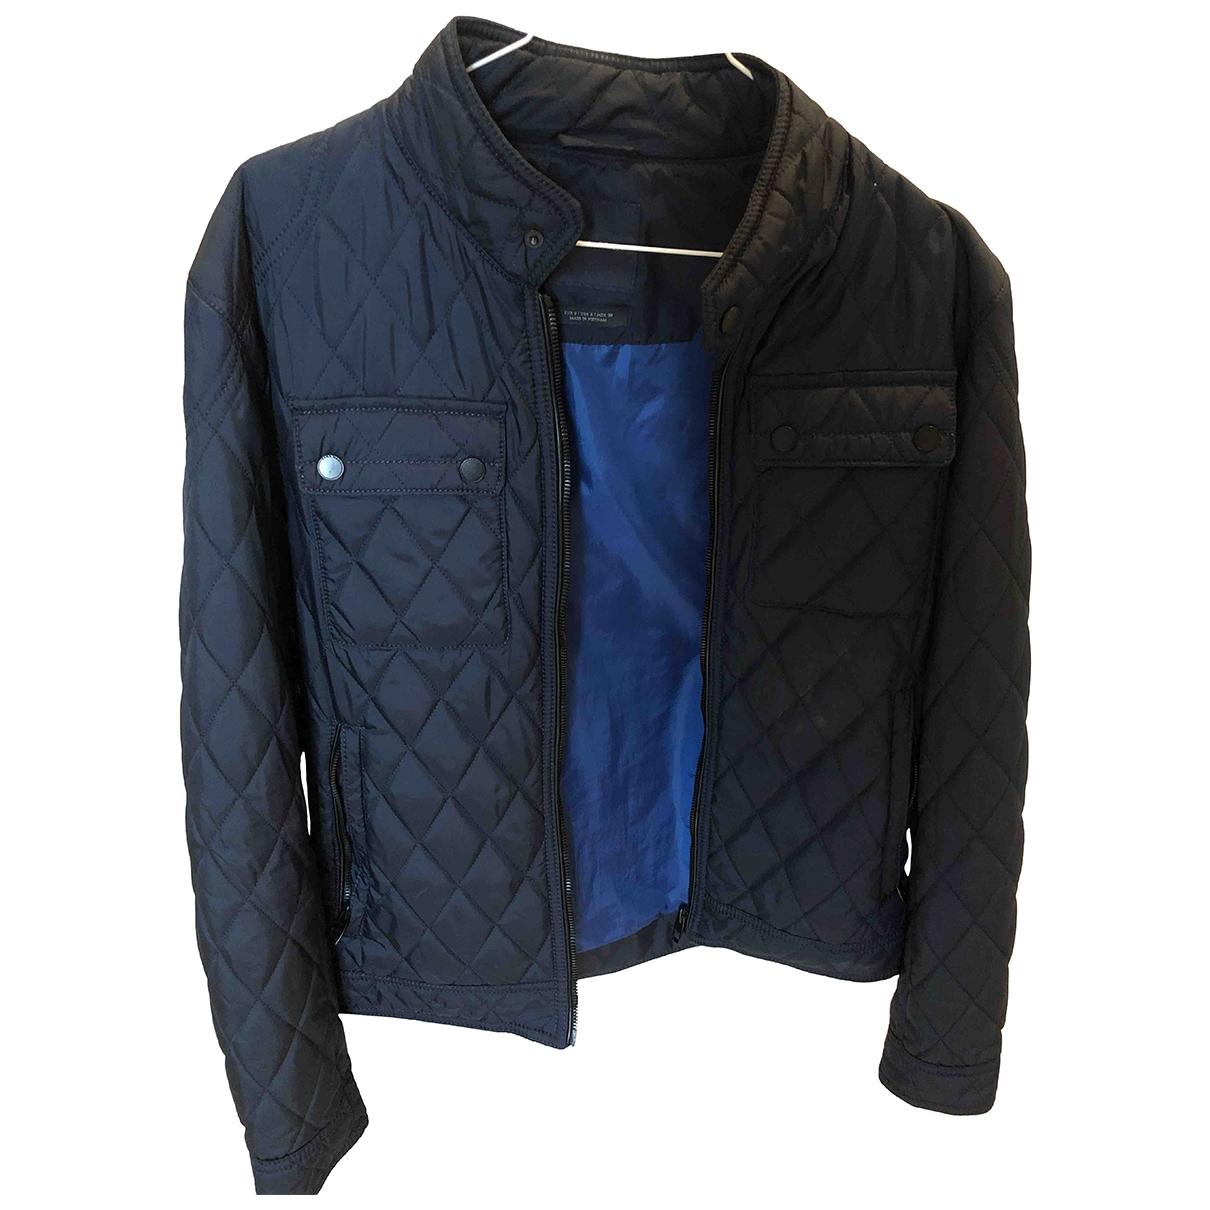 Zara - Vestes.Blousons   pour homme en autre - bleu